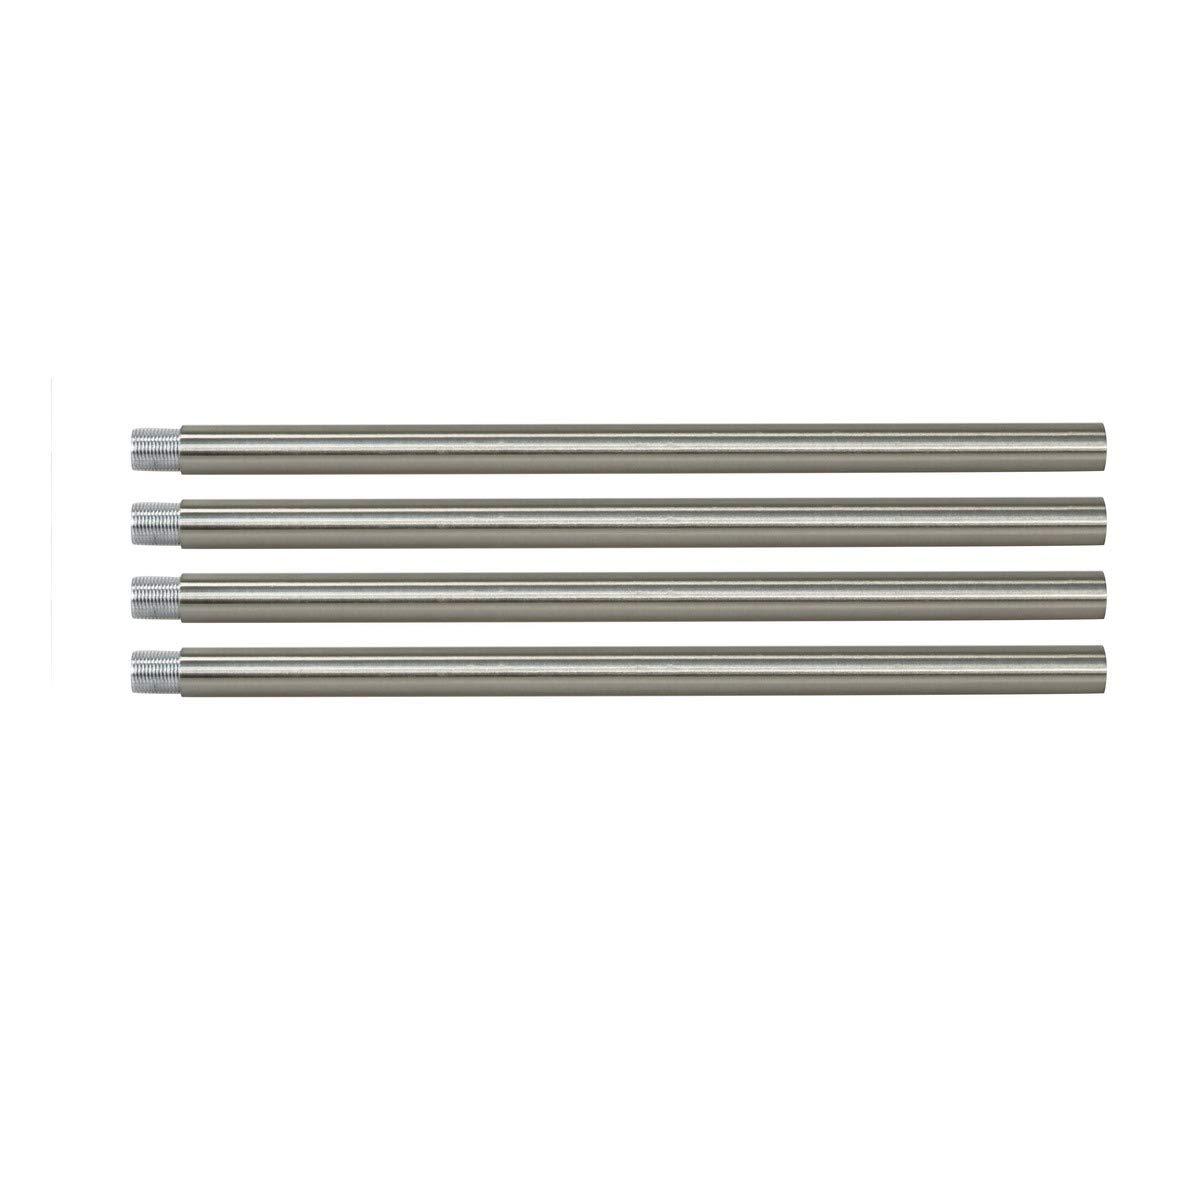 BONLICHT Rods for Modern Brushed Nickel Sputnik Chandelier Lighting Included 4 Rods